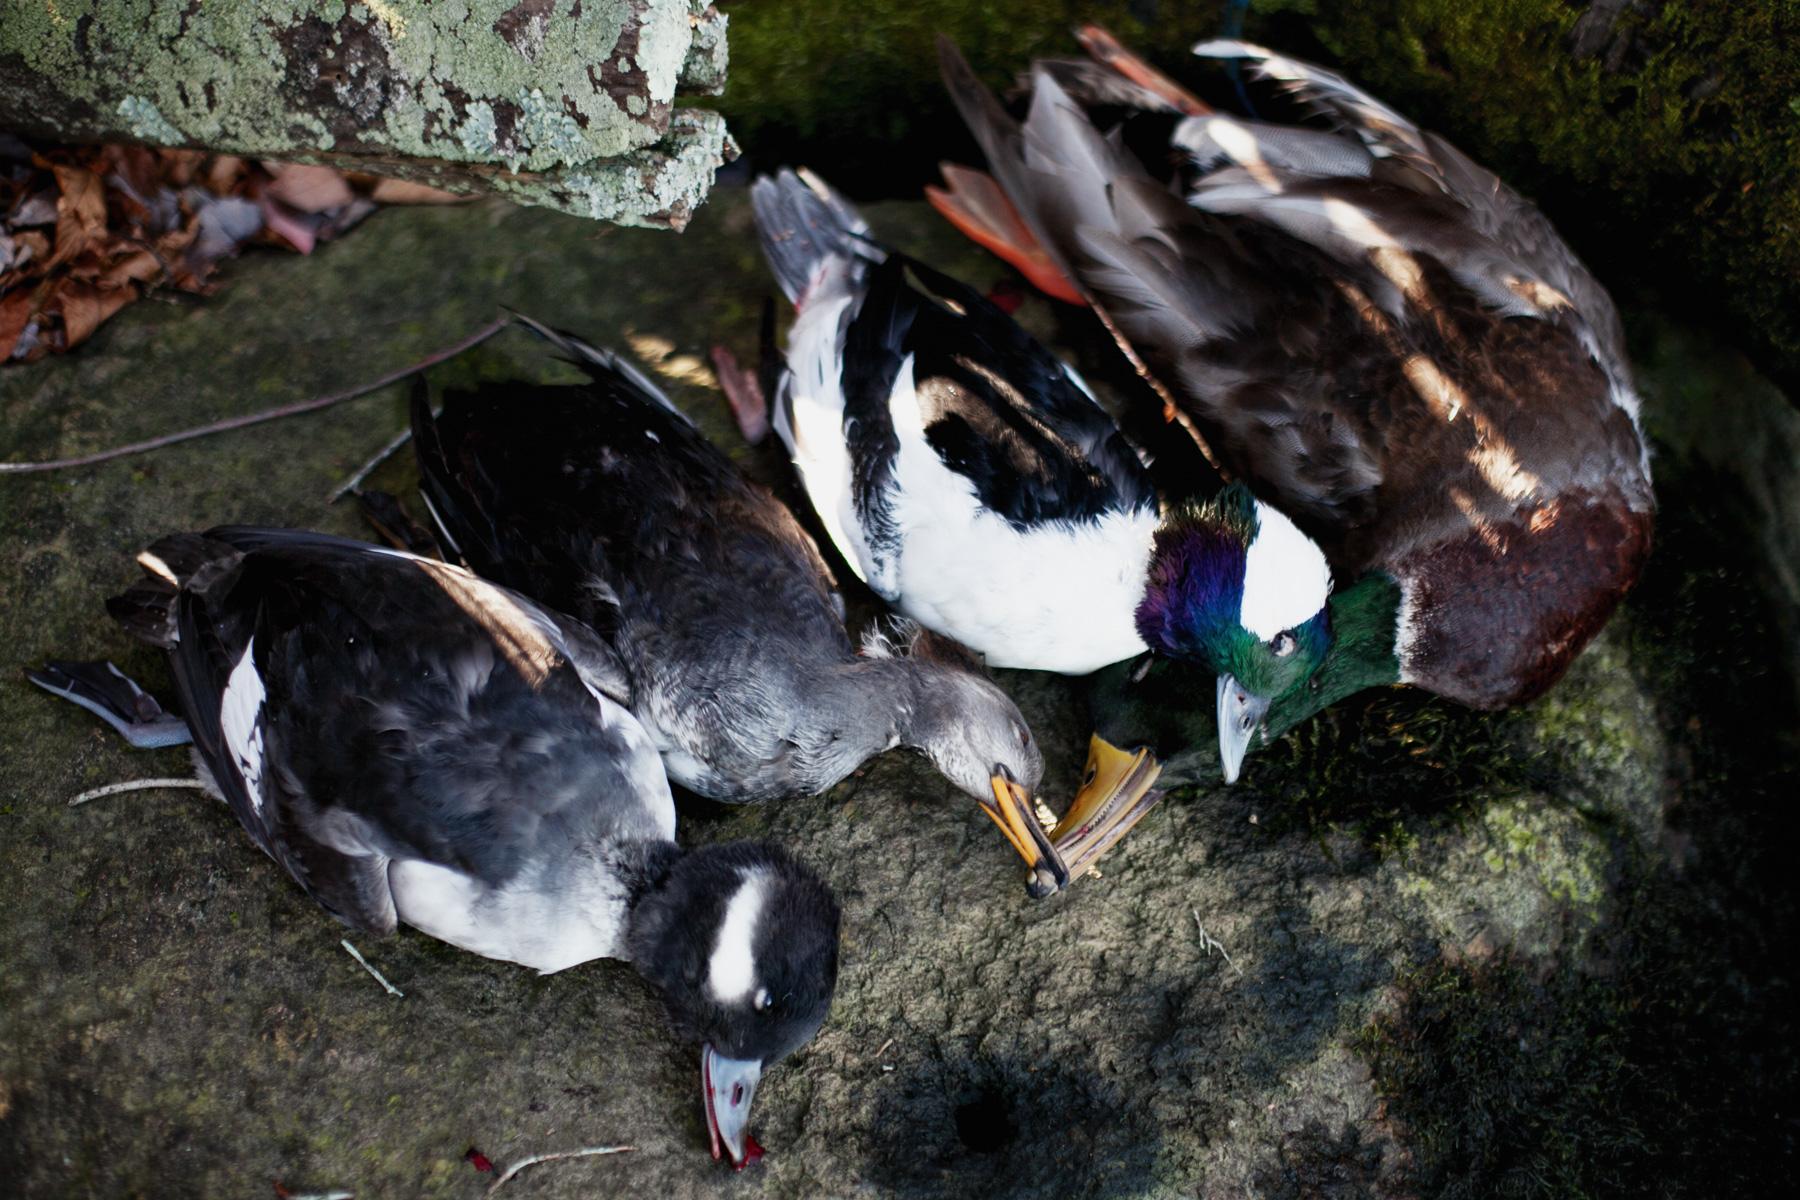 duck-hunt-dead-1.jpg